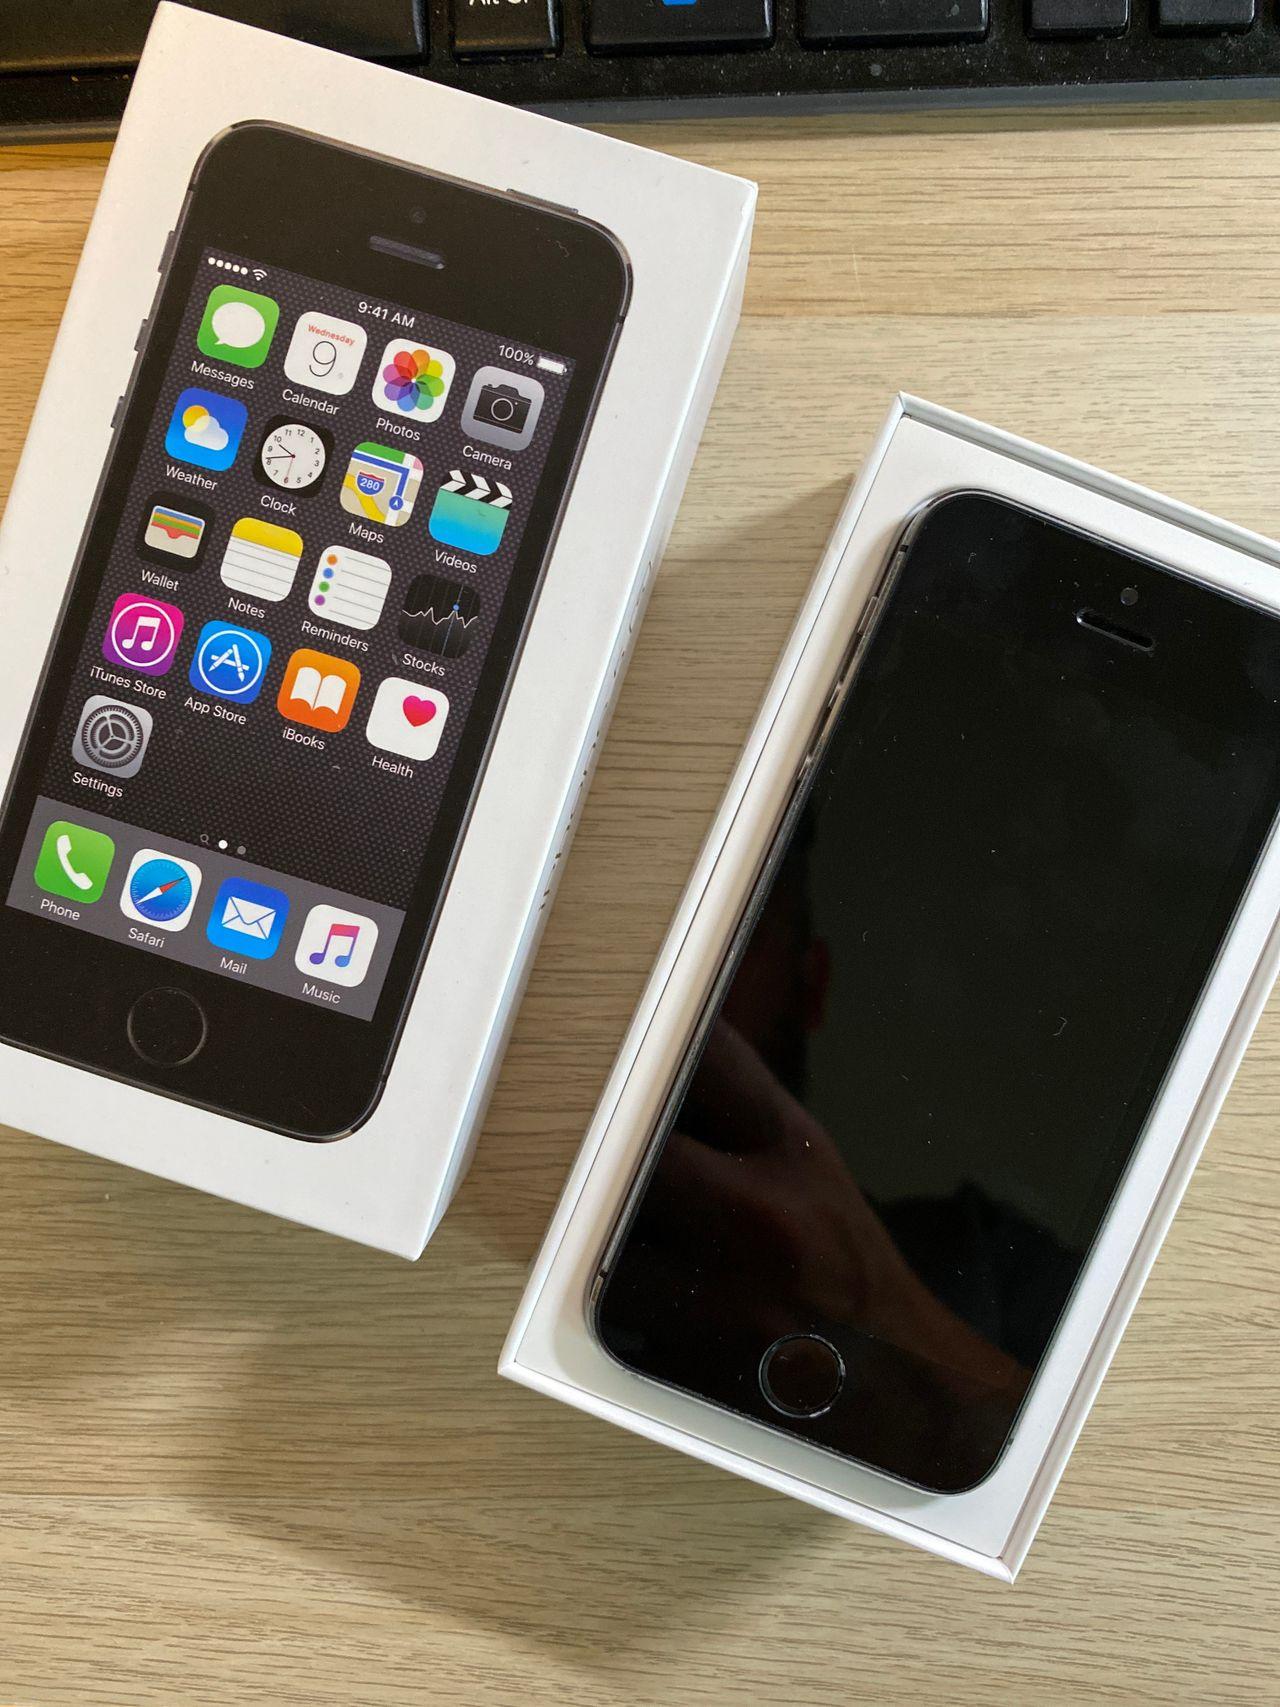 Apple iphone 5 16gb Kjøpe, selge og utveksle annonser de